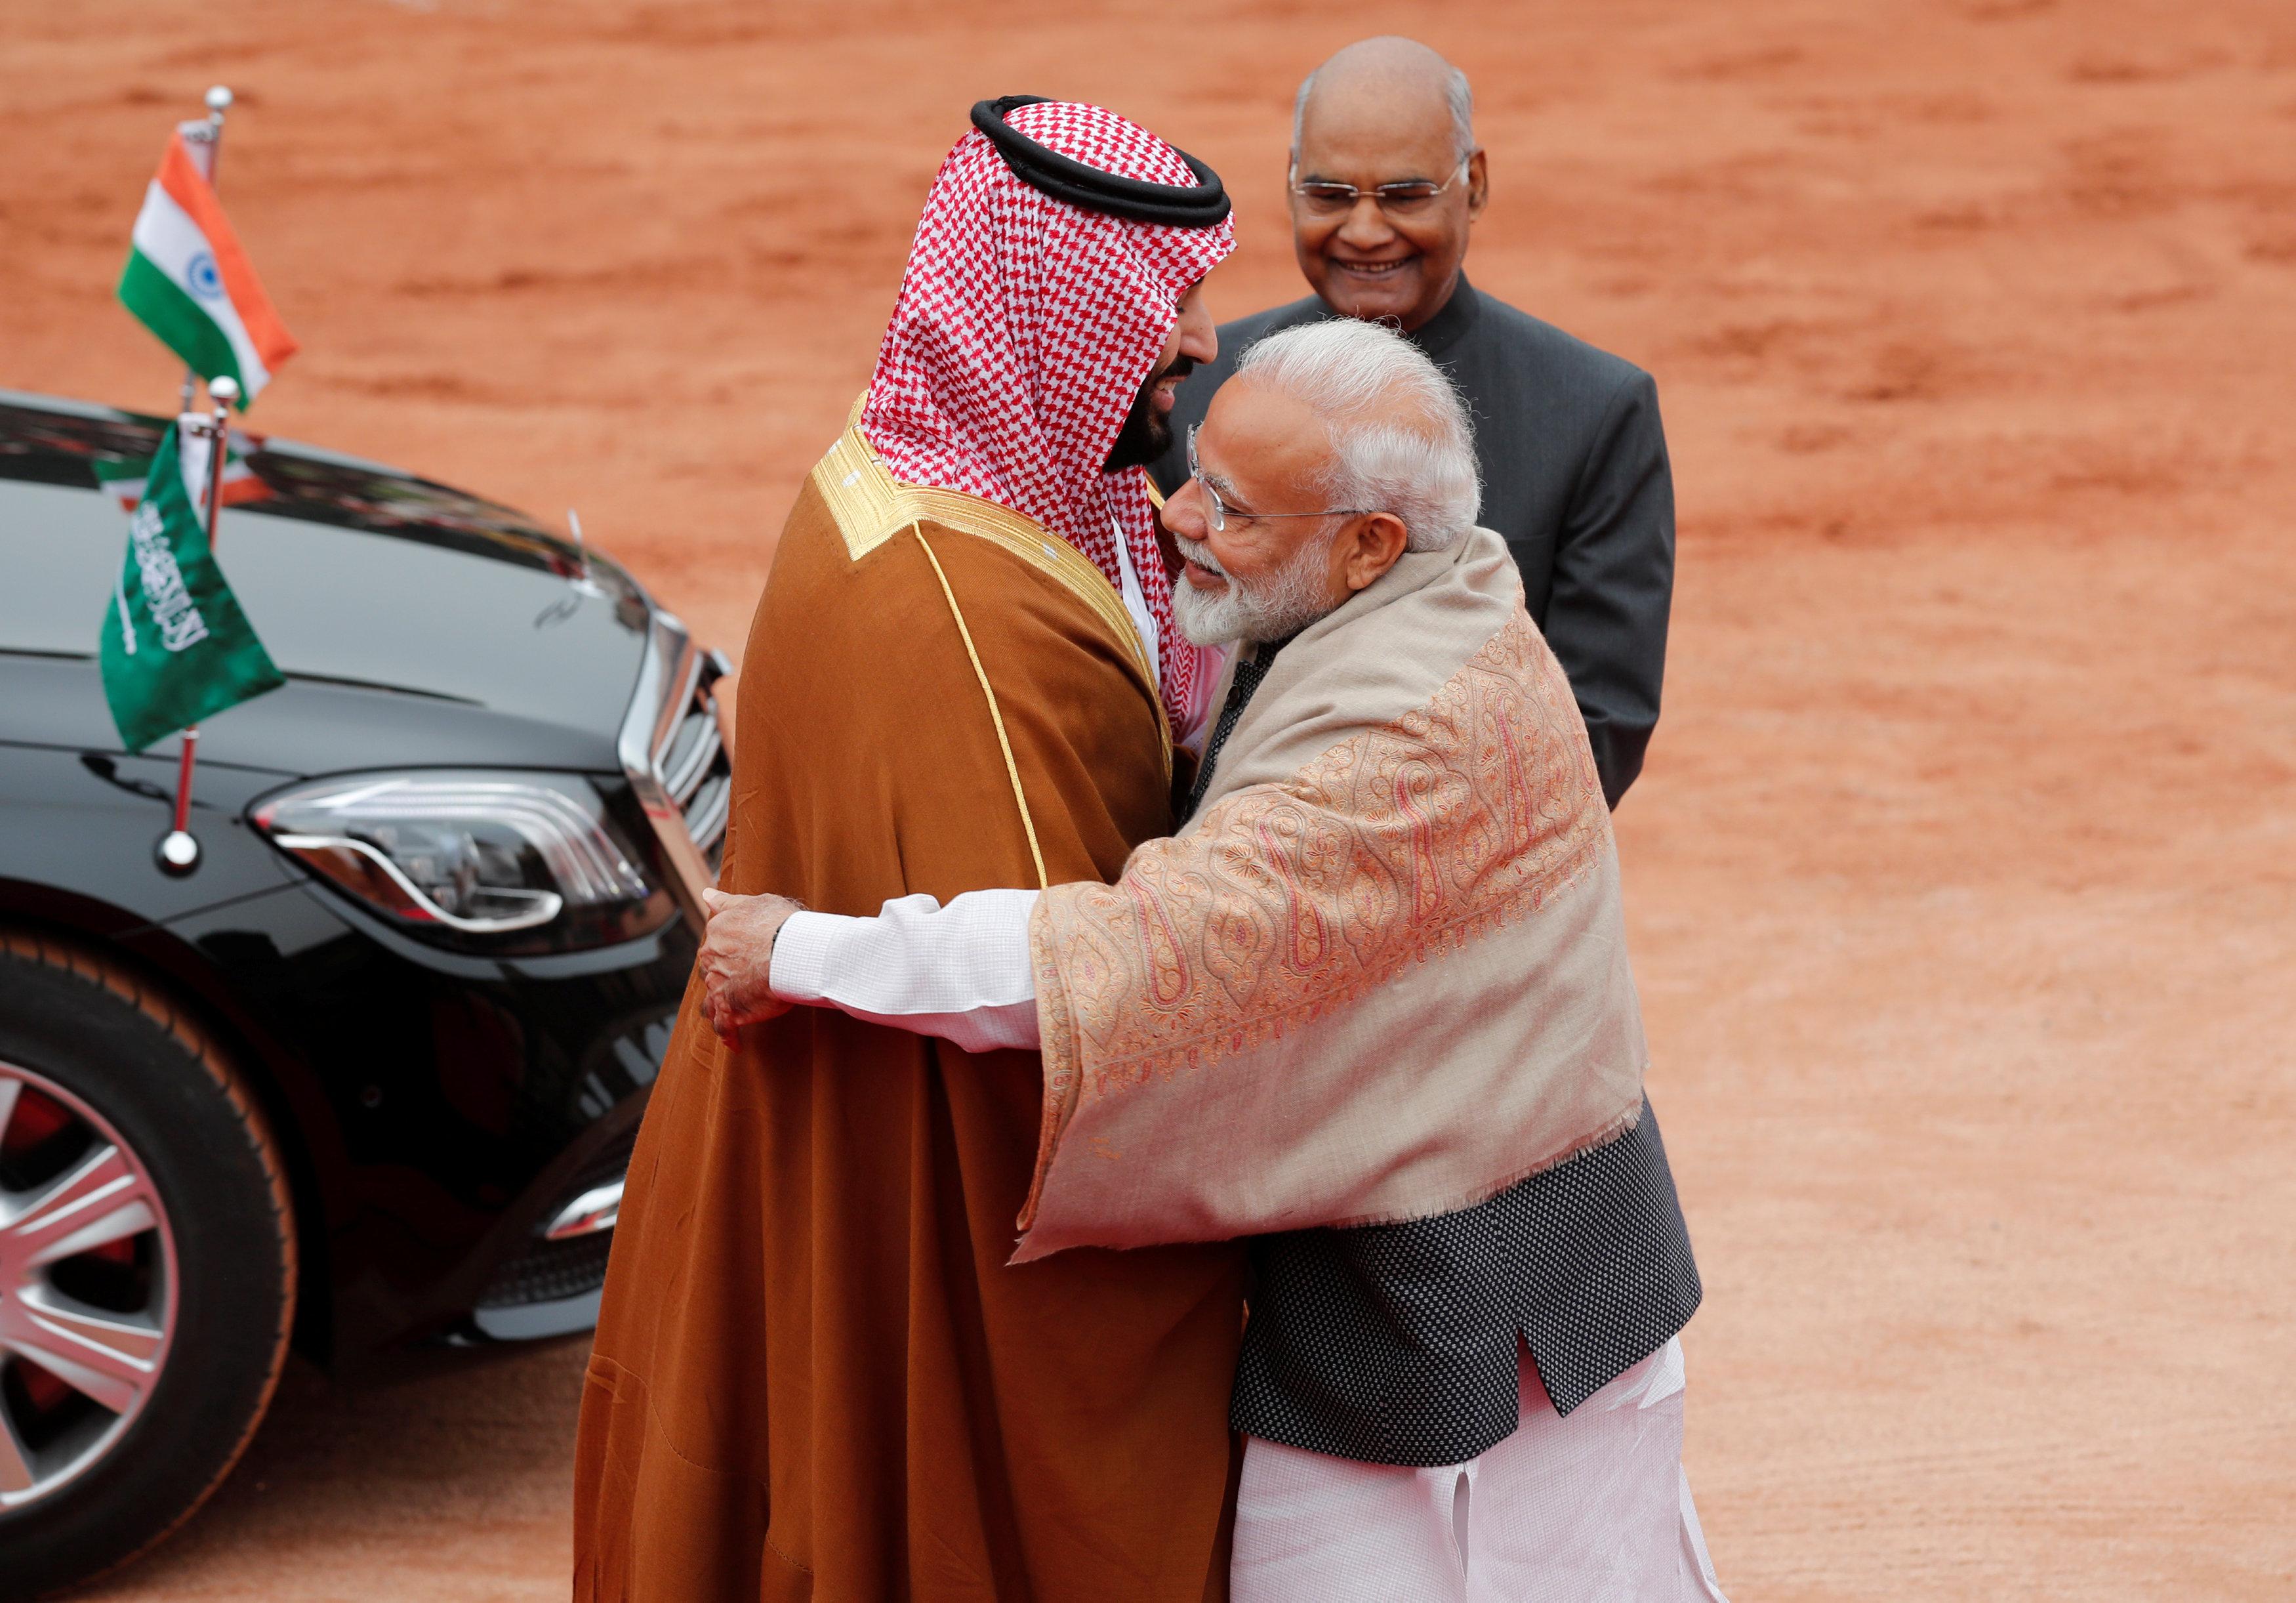 رئيس وزراء الهند يعانق ولى العهد لدى وصوله